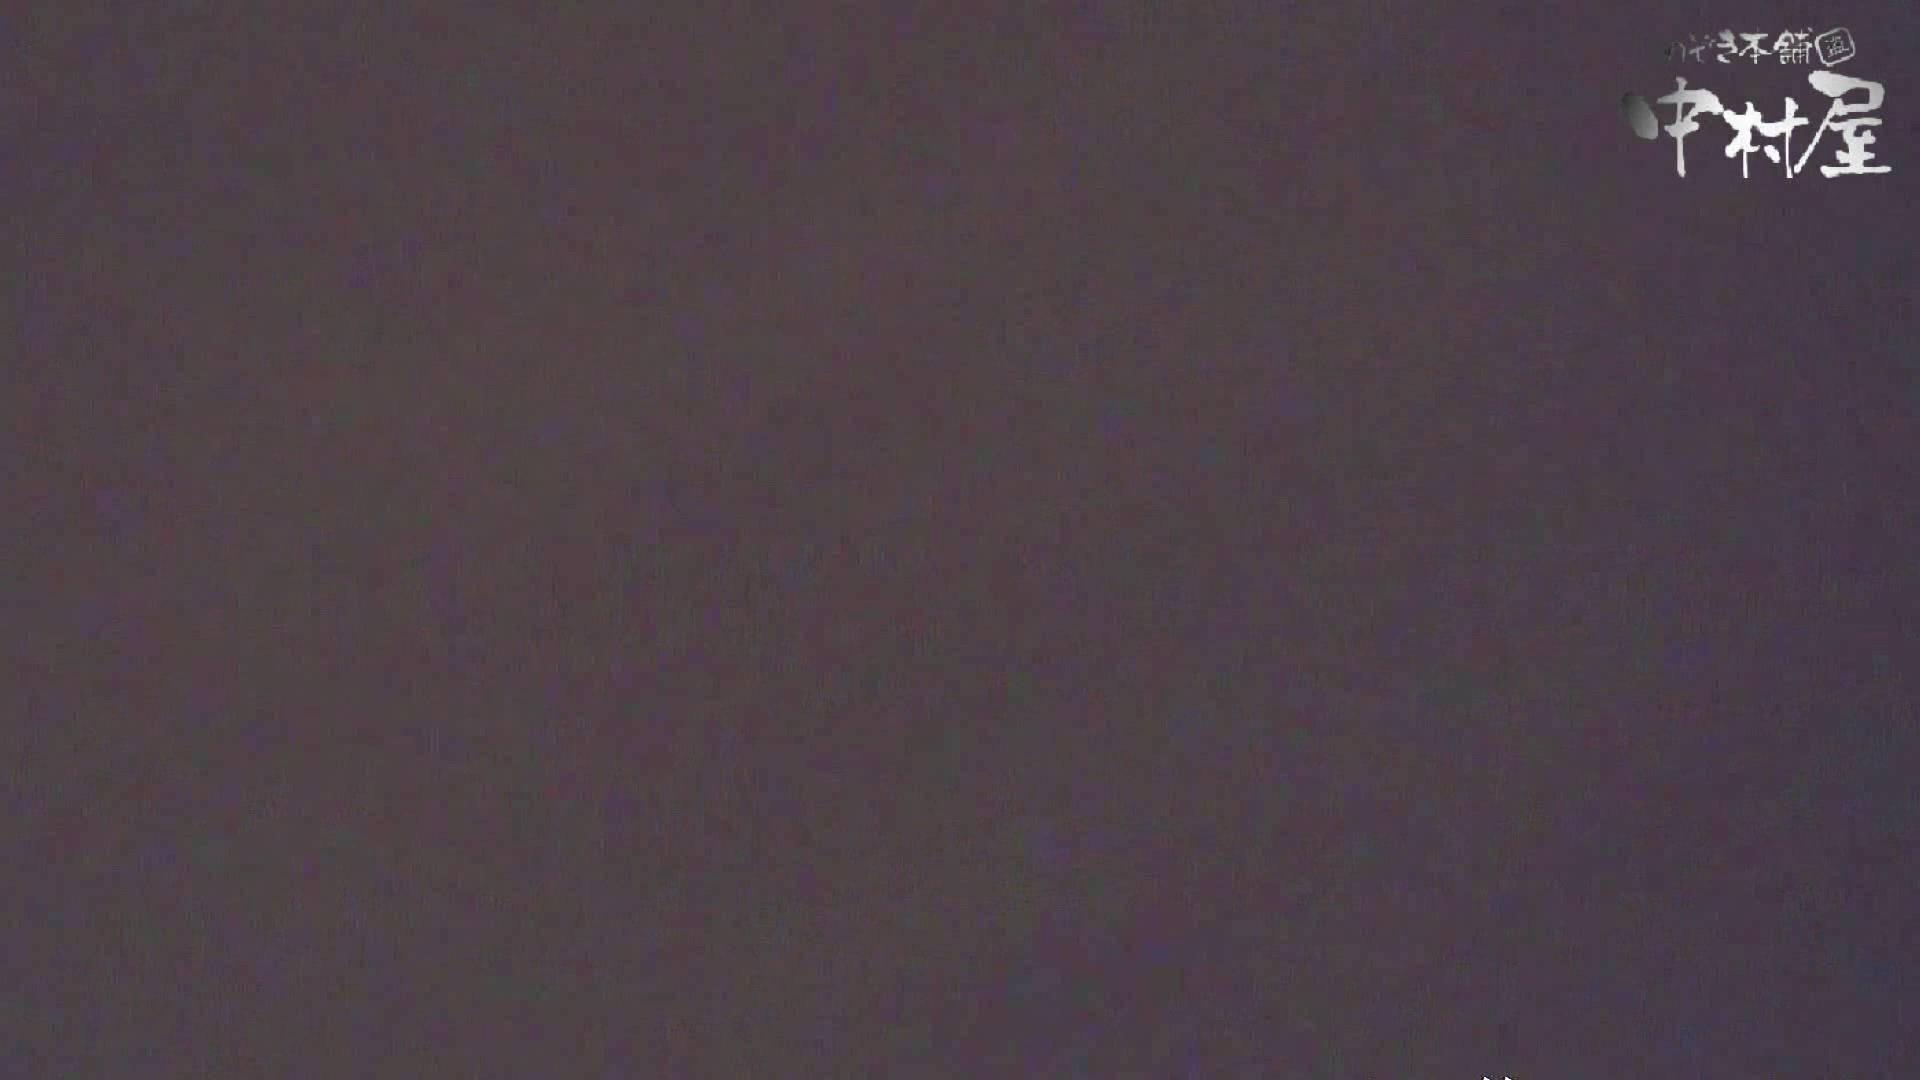 始動します‼雅さんの独断と偏見で集めた動画集 Vol.9 0 | 0  61pic 3